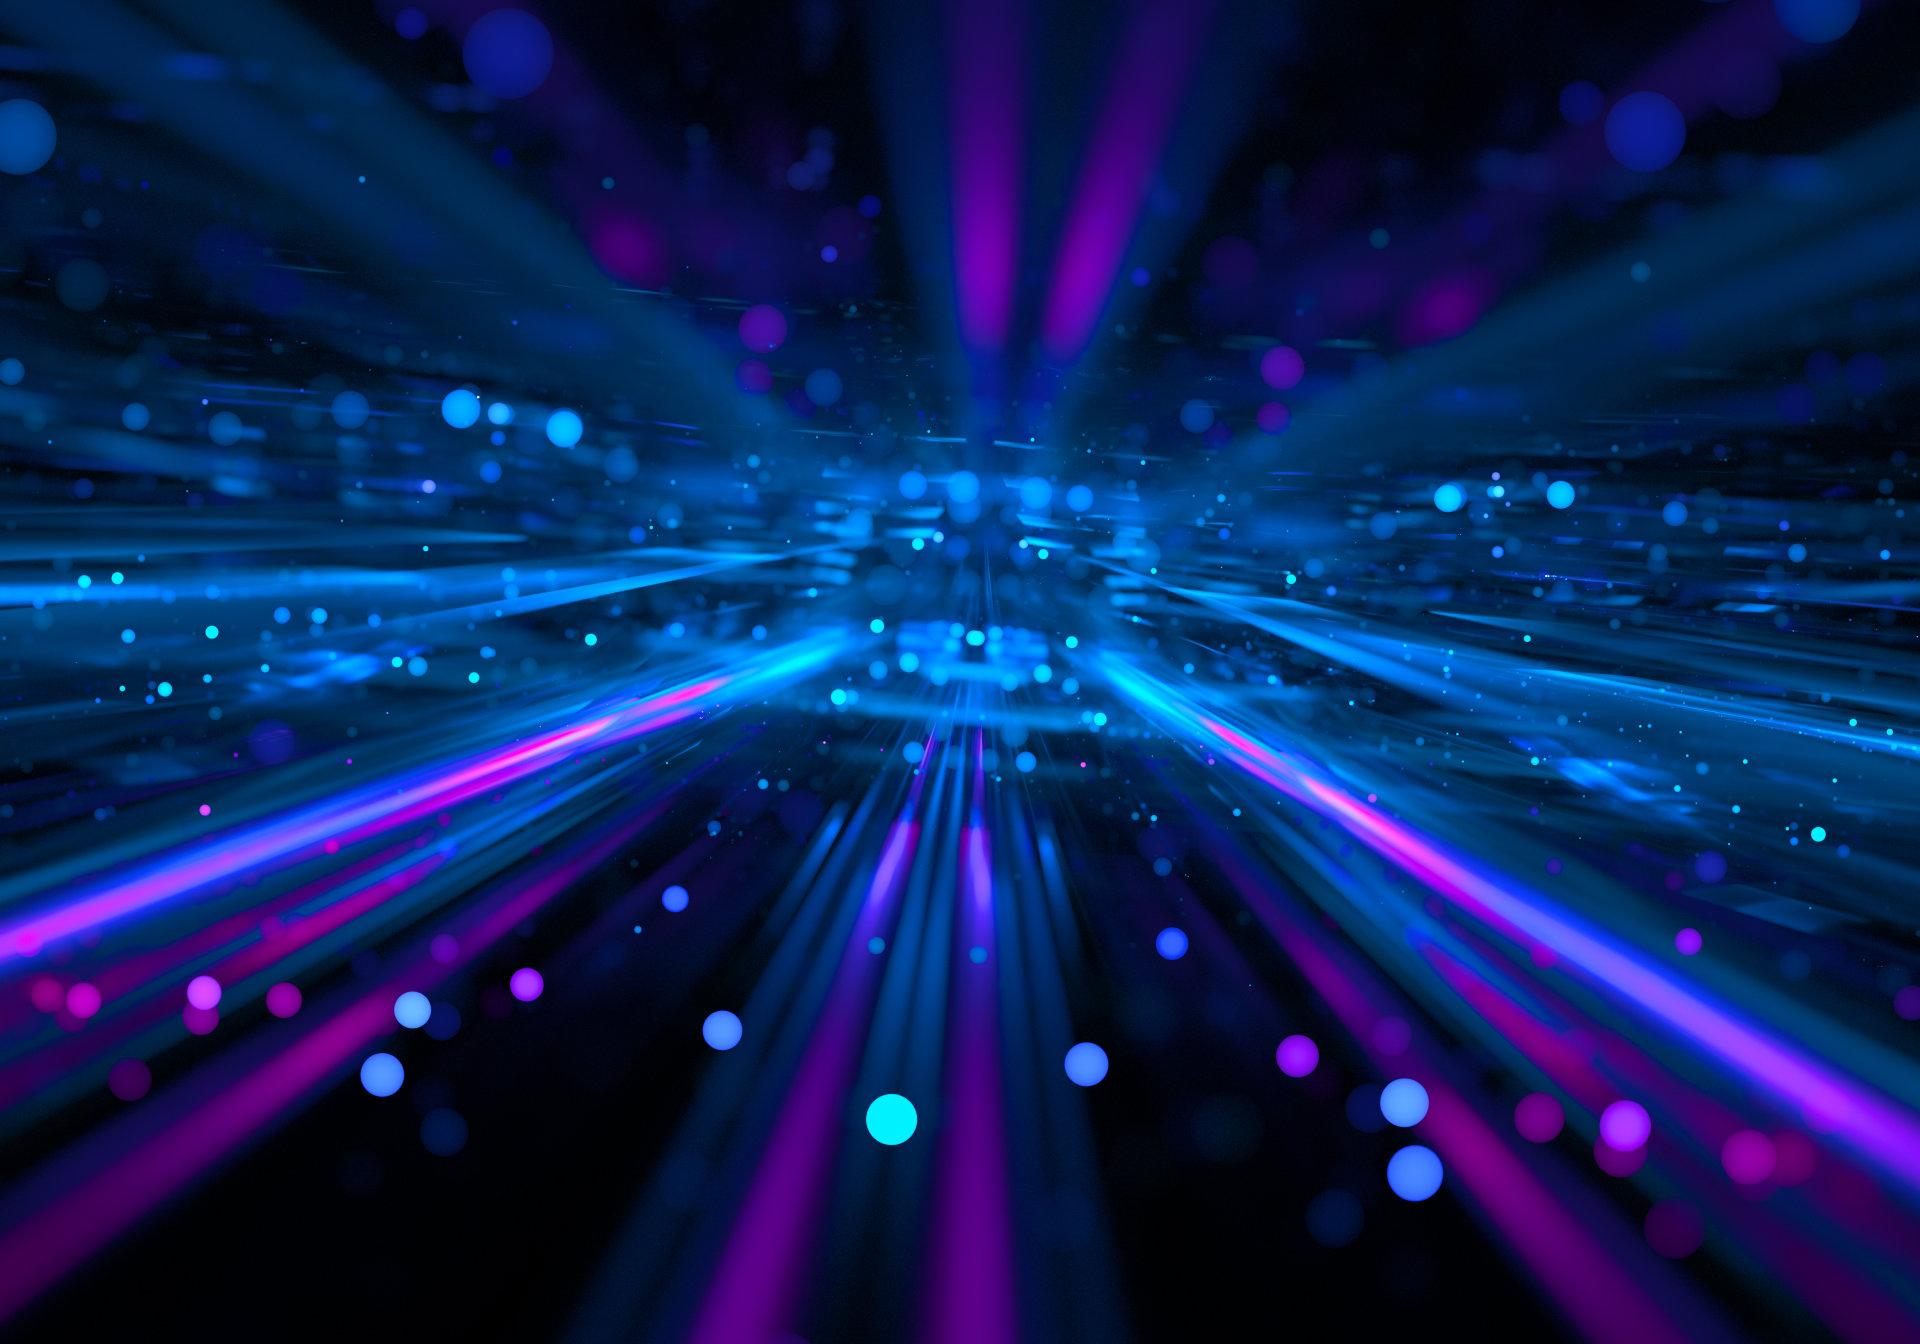 #TheNewOSRAM<br/>光电技术是信息时代的关键技术